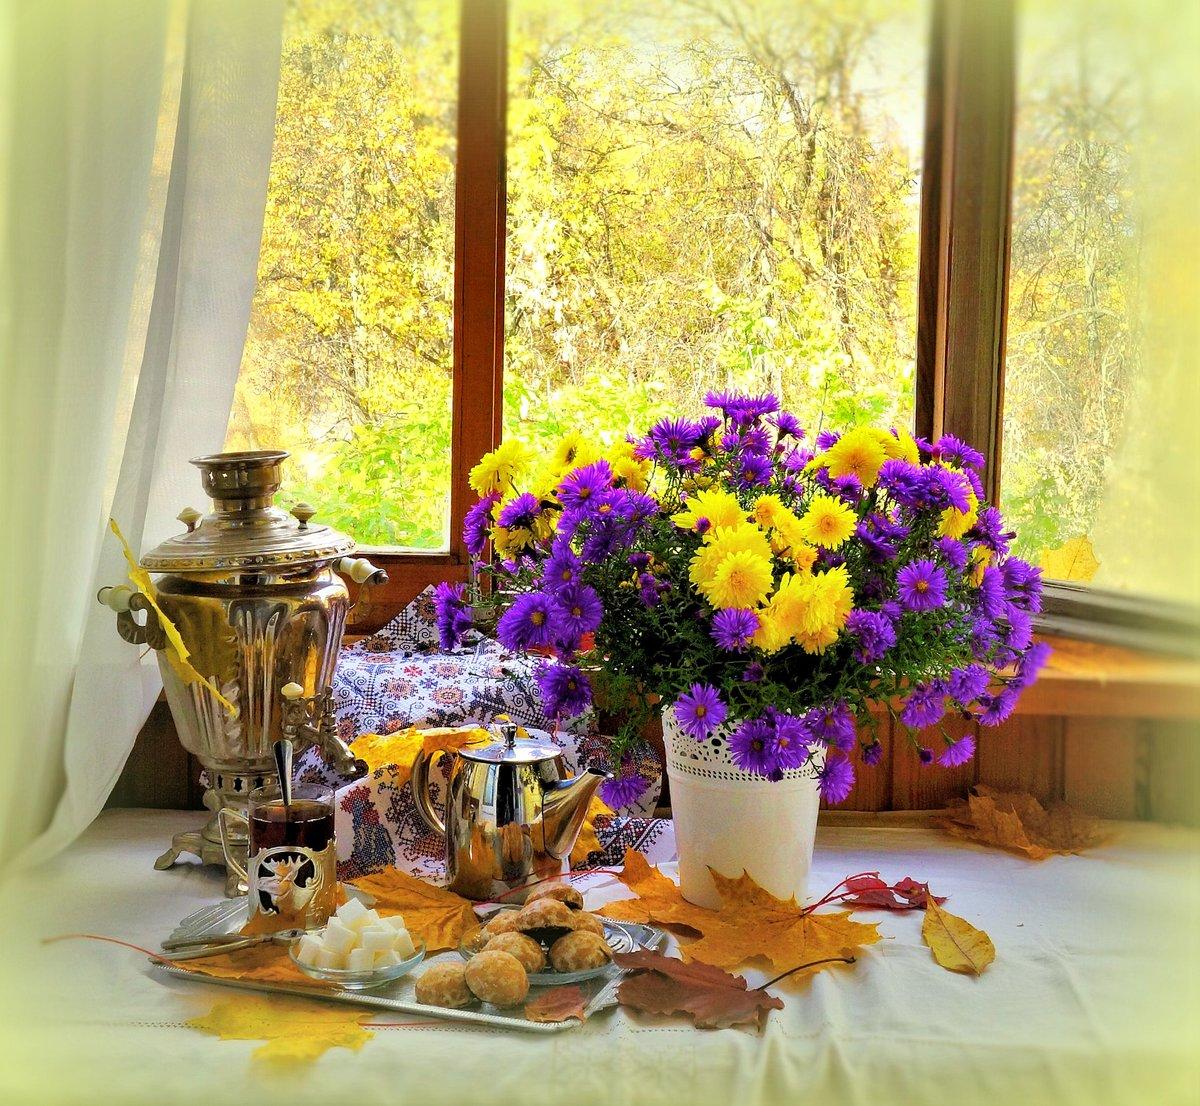 Открытки осеннее утро вид из окна натуральную, меня забыл прикольные